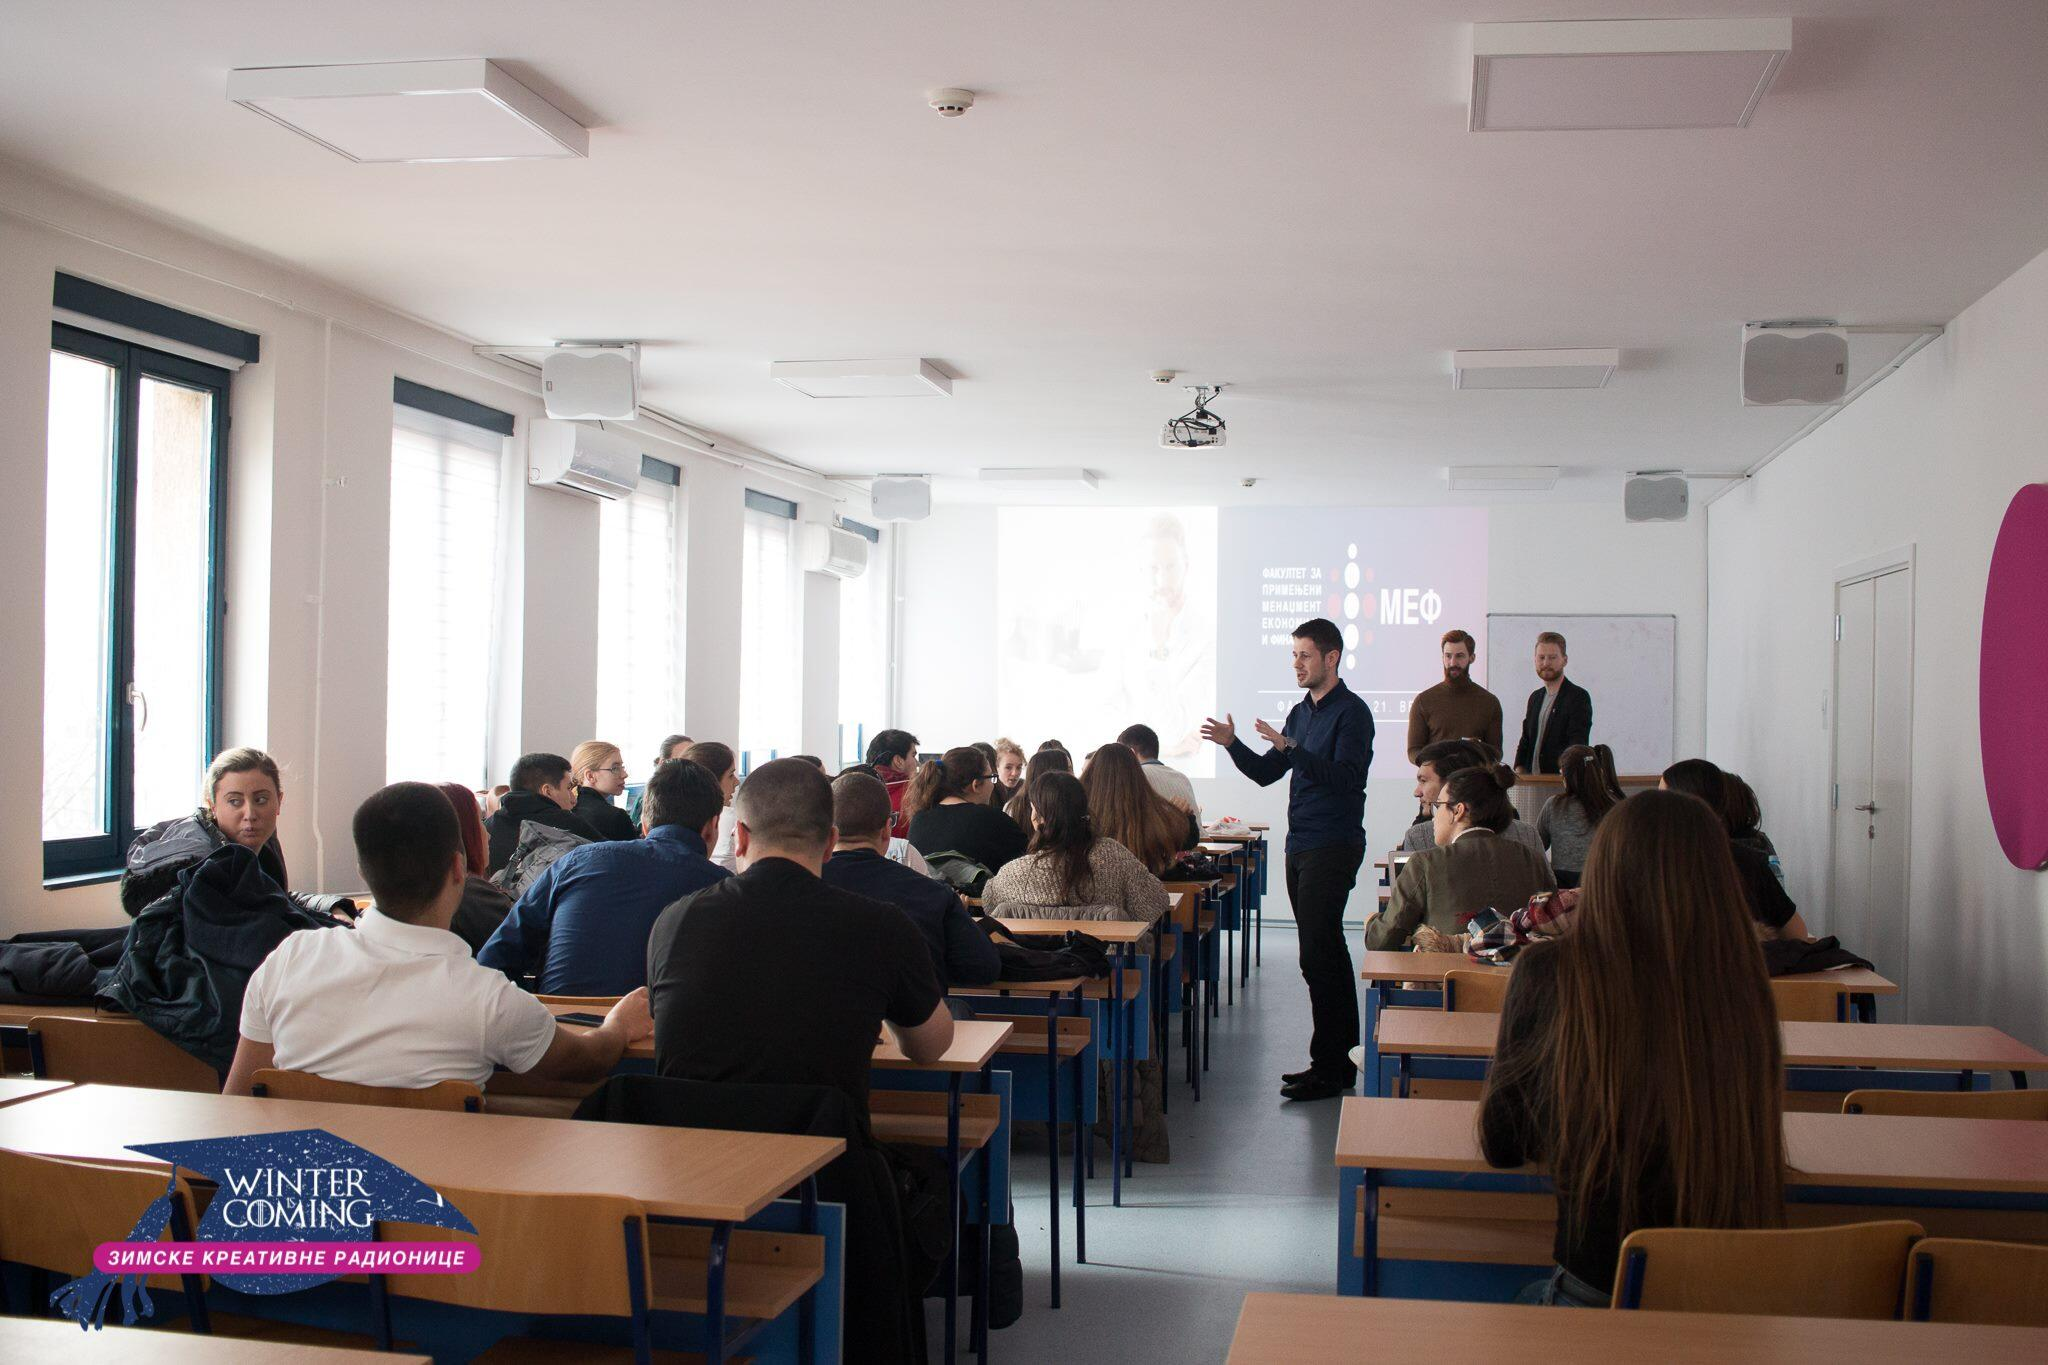 MEF Fakultet - Freelancing